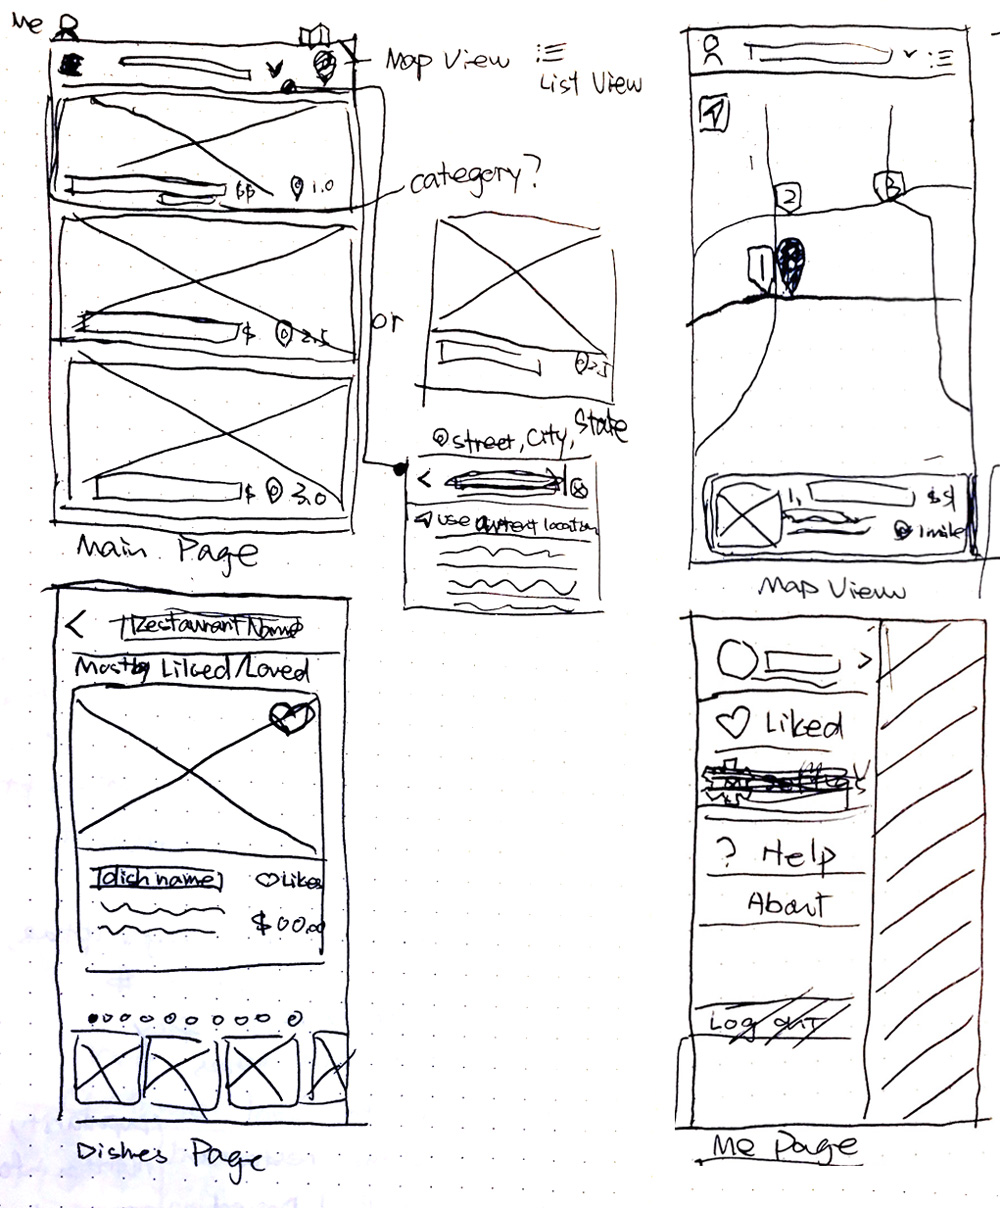 1.0 Sketch